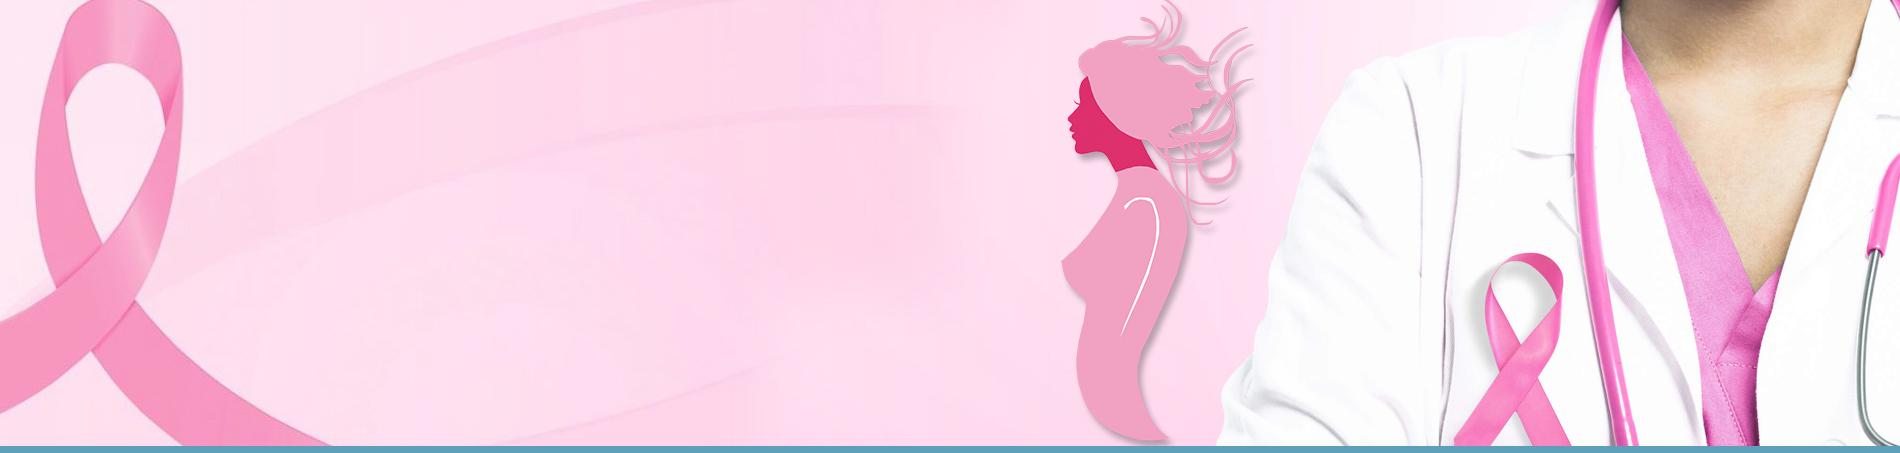 Tumore al seno: prevenzione mammografia